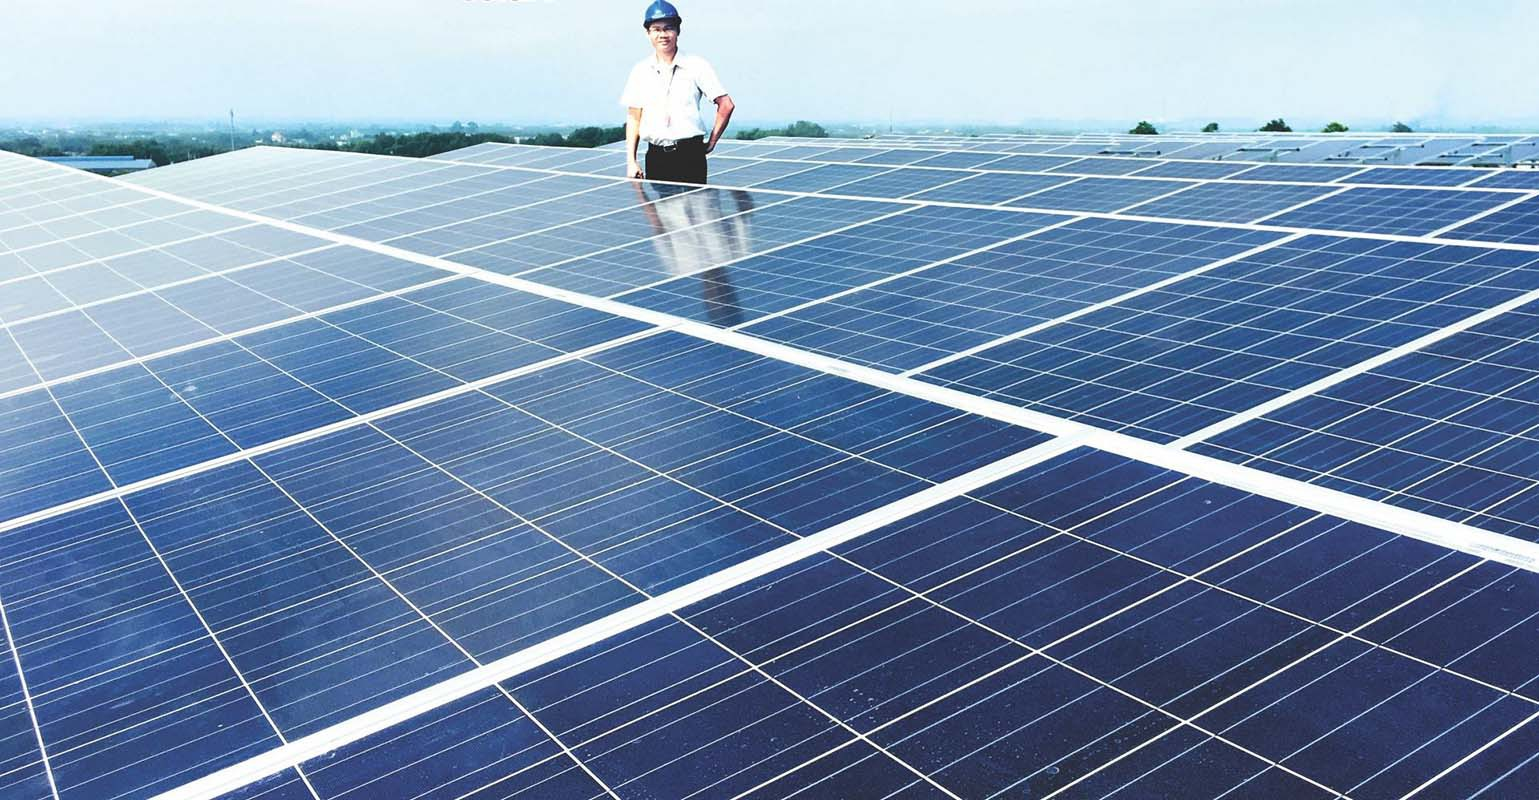 Phó Thủ tướng Phạm Bình Minh: Đến tháng 6 sẽ vận hành an toàn khoảng 3000 MW điện mặt trời - Ảnh 1.